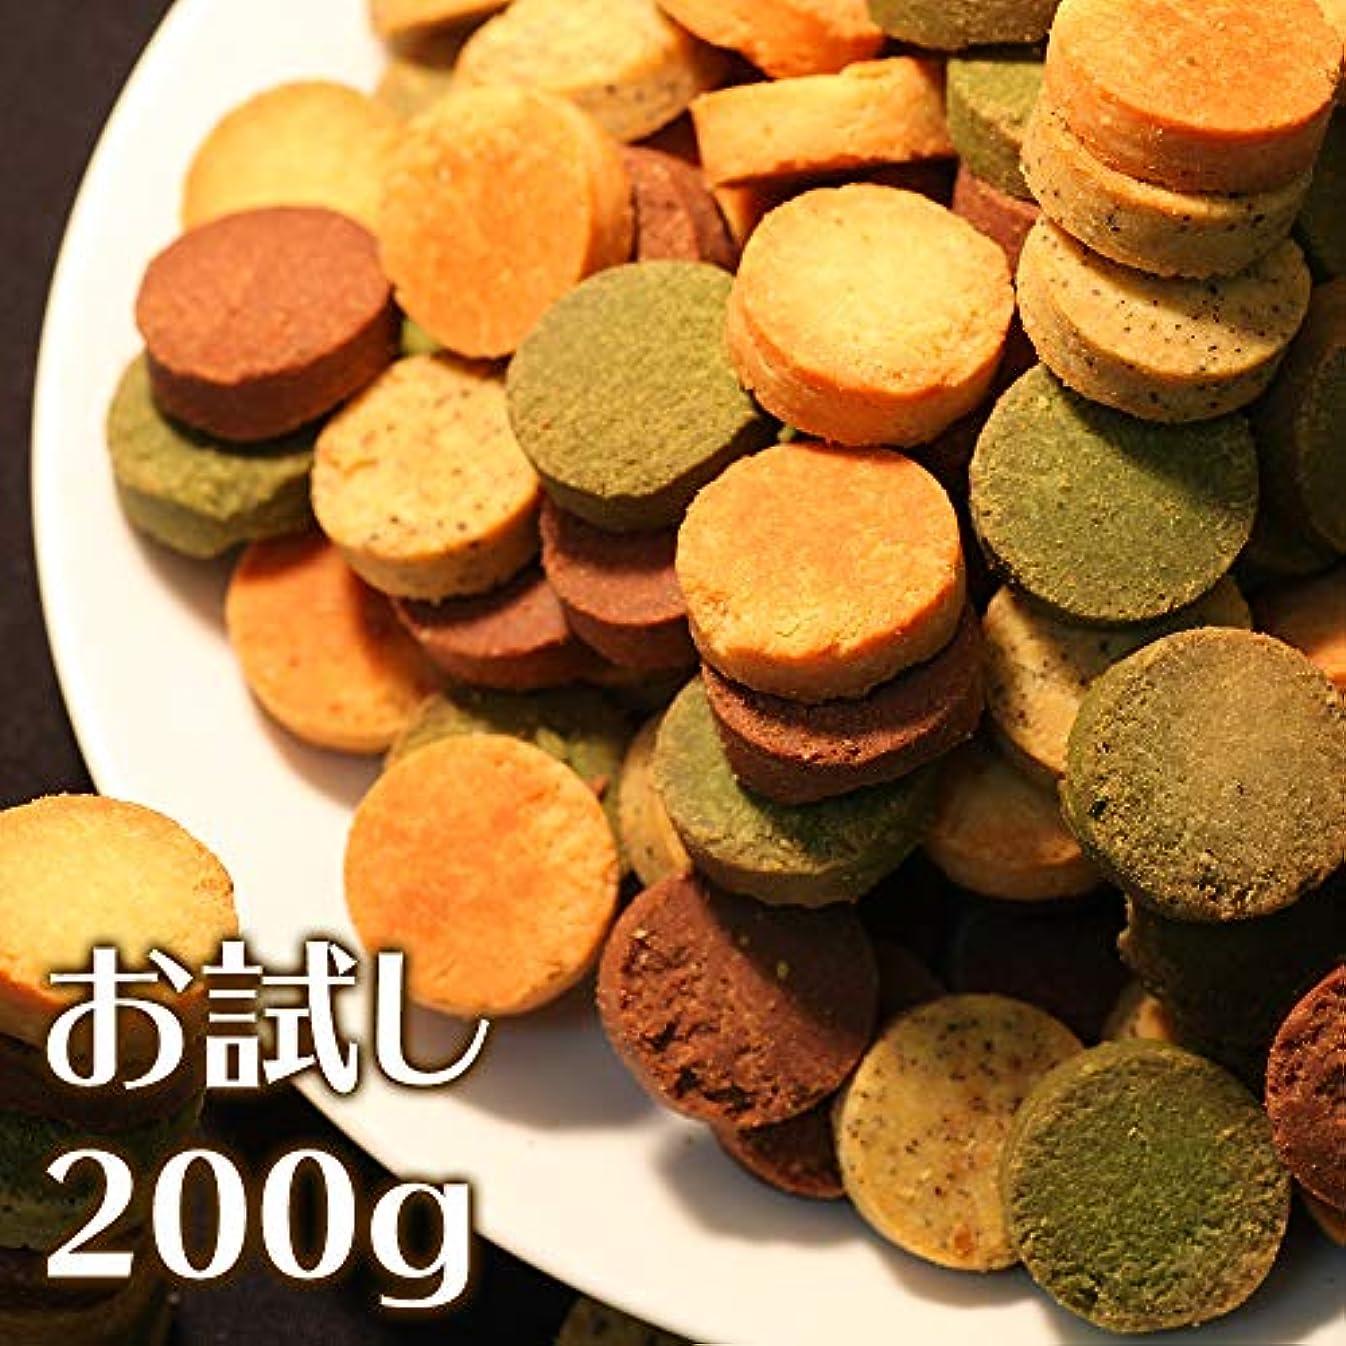 民間コンサルタント義務的天然生活 おからクッキー FourZero お試し 200g 味4種 プレーン ココア 紅茶 抹茶 ダイエット 小麦 卵 乳 砂糖 不使用